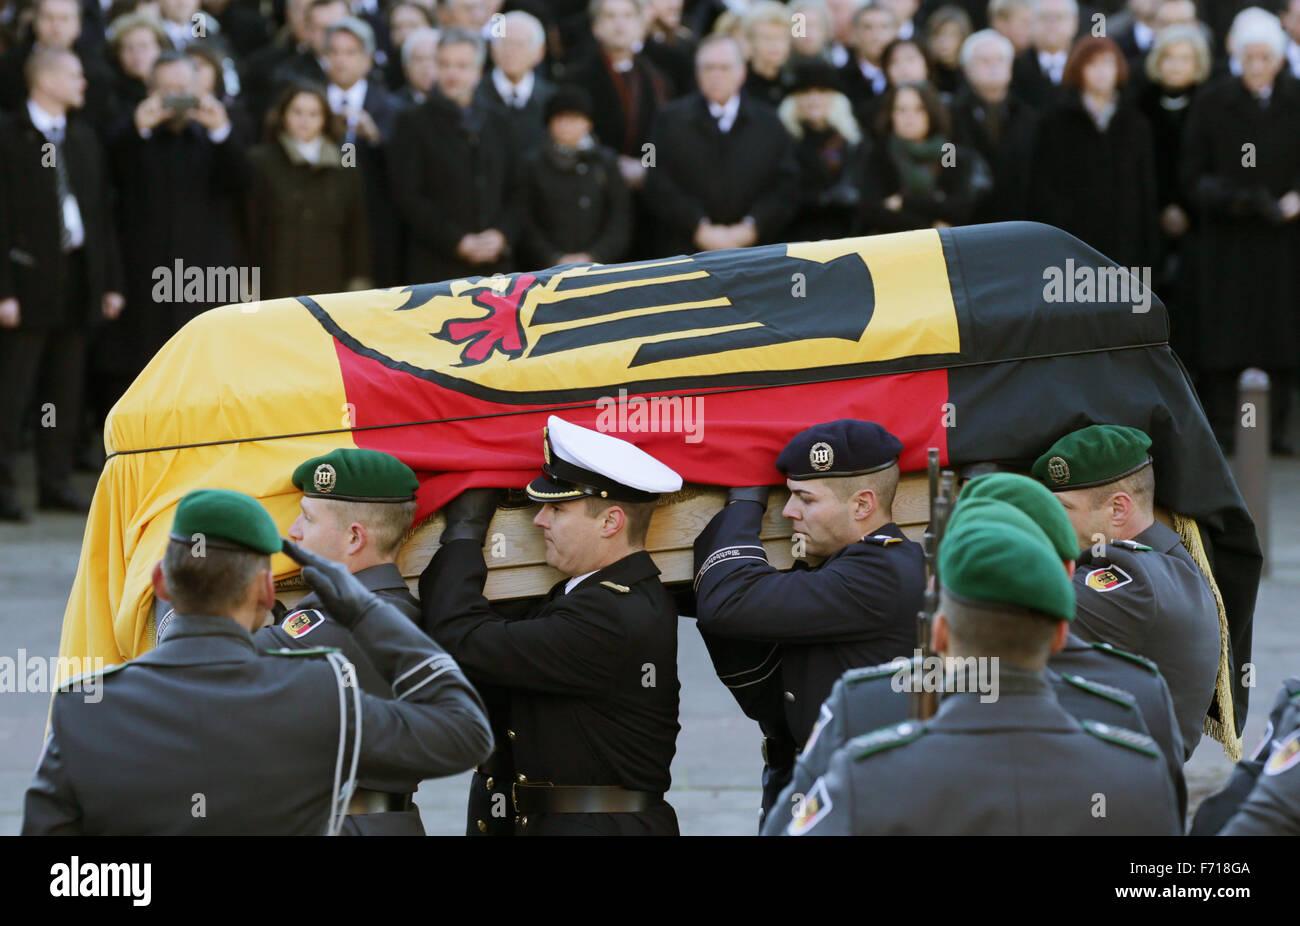 Hambourg, Allemagne. 23 Nov, 2015. Un cercueil recouvert du drapeau est mis hors de l'église aux funérailles d'état pour l'ancien chancelier allemand Helmut Schmidt (SPD) dans l'église paroissiale Saint Michel à Hambourg, Allemagne, 23 novembre 2015. L'ancien chancelier est mort à 96 à Hambourg. Photo:AXEL HEIMKEN/DPA/Alamy Live News Banque D'Images